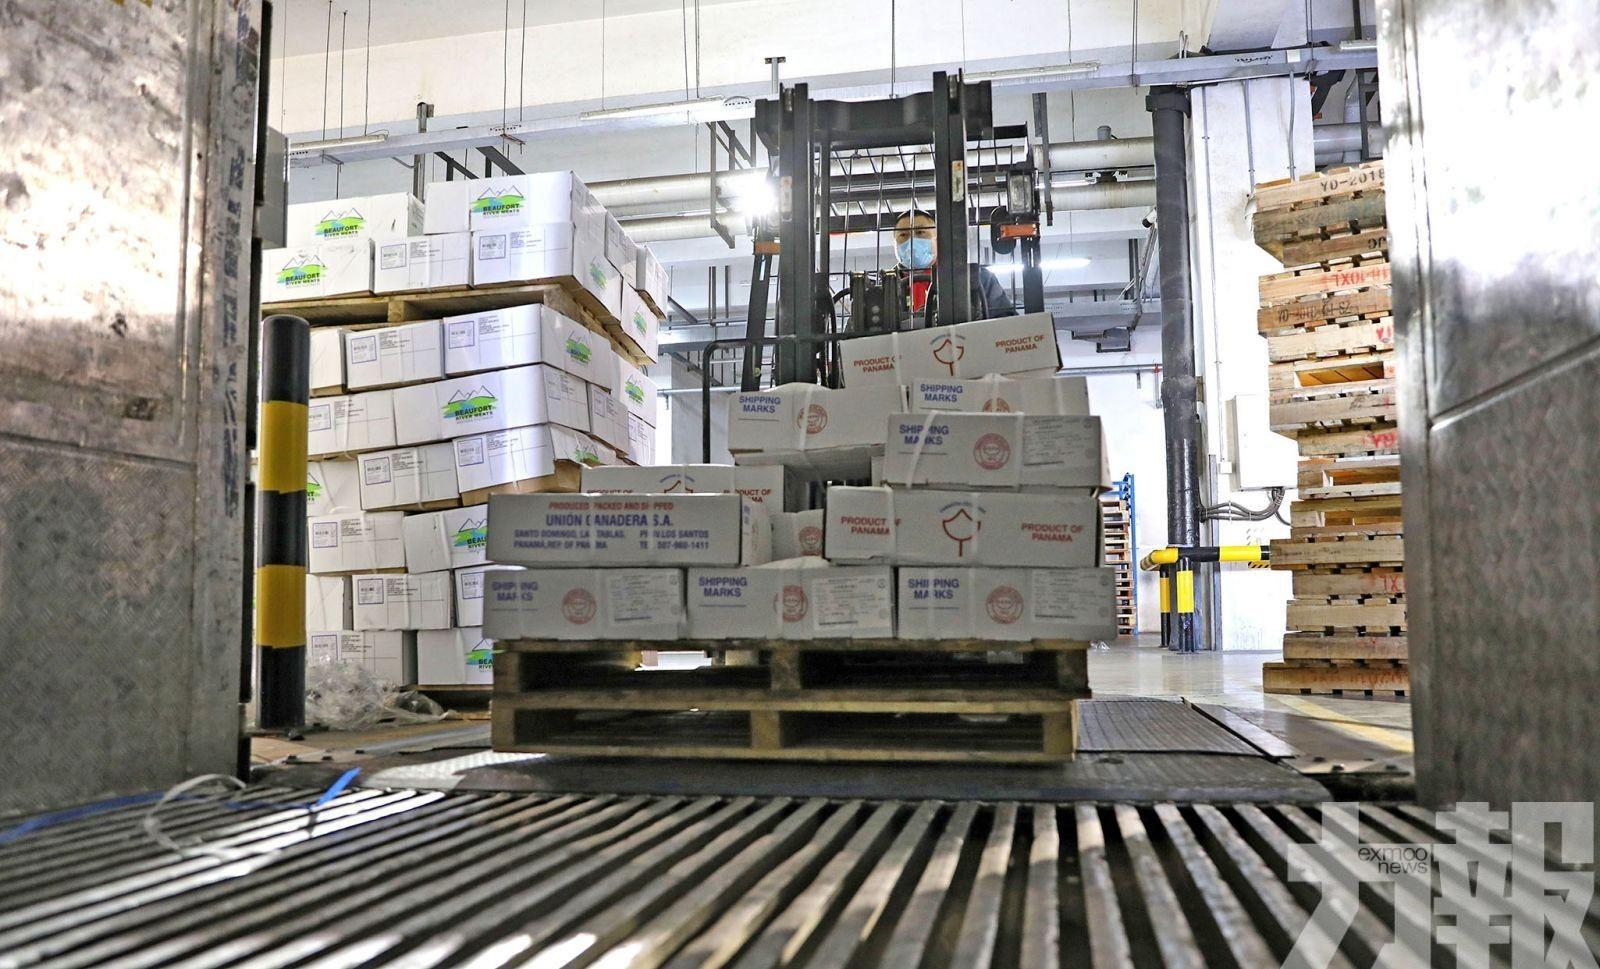 山東進口冷鏈食品外包裝檢出新冠病毒